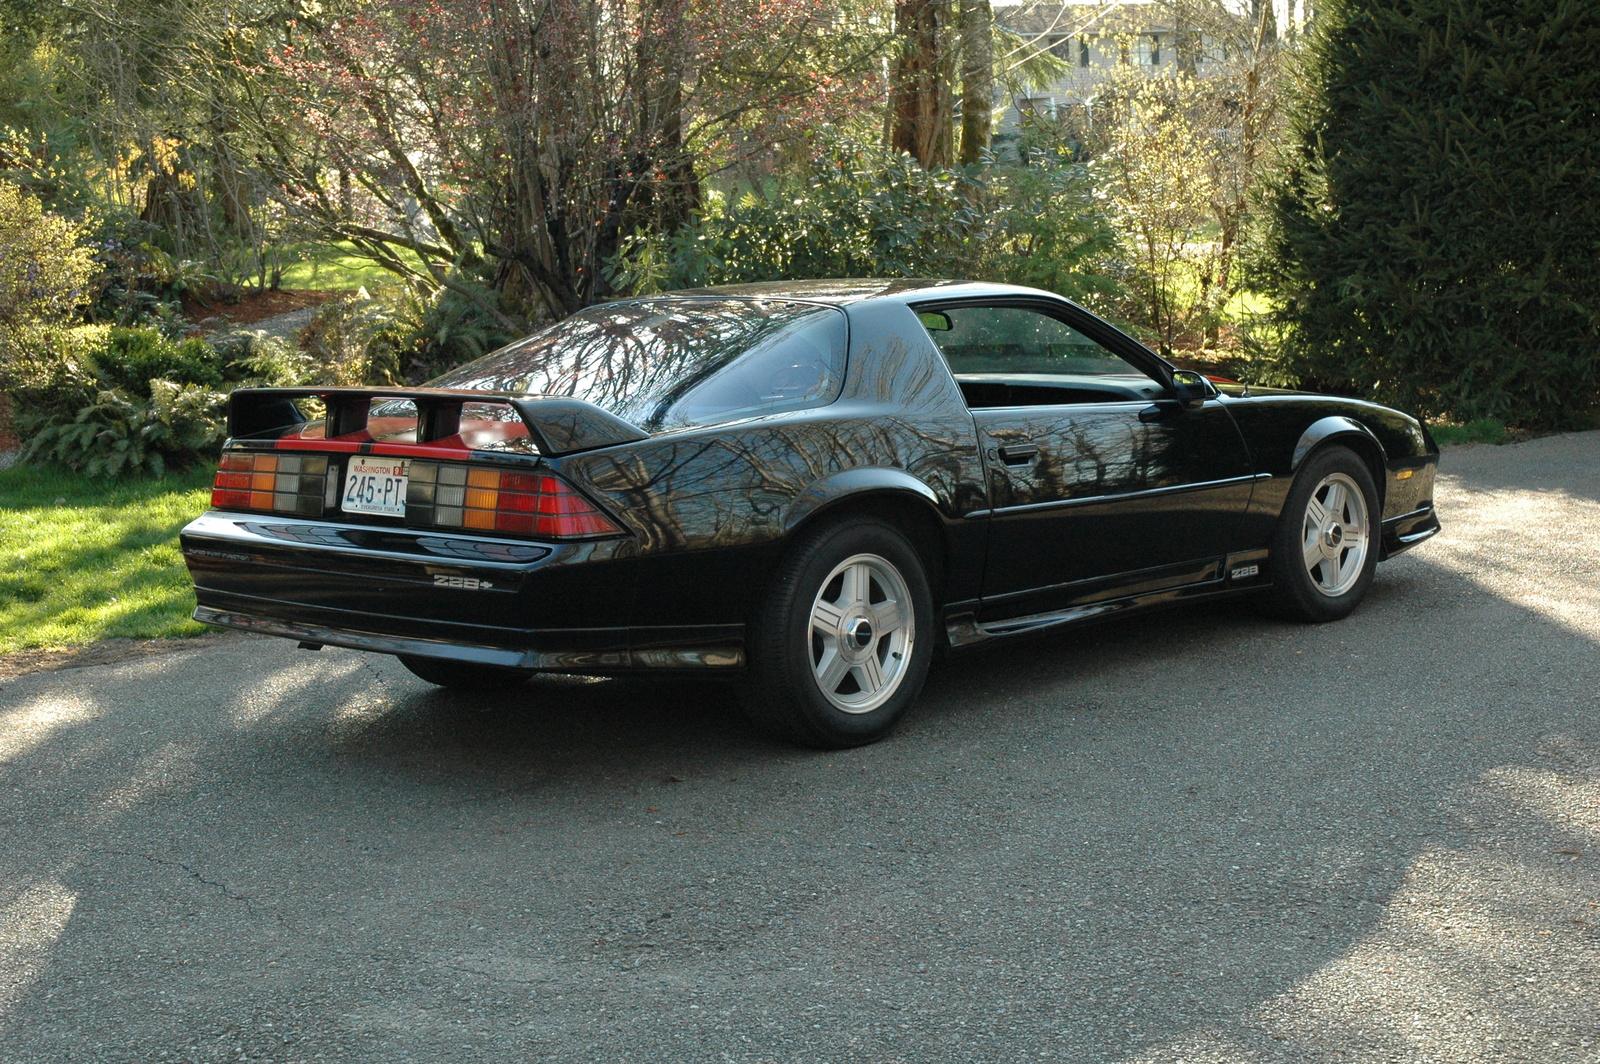 1992 chevrolet camaro - exterior pictures